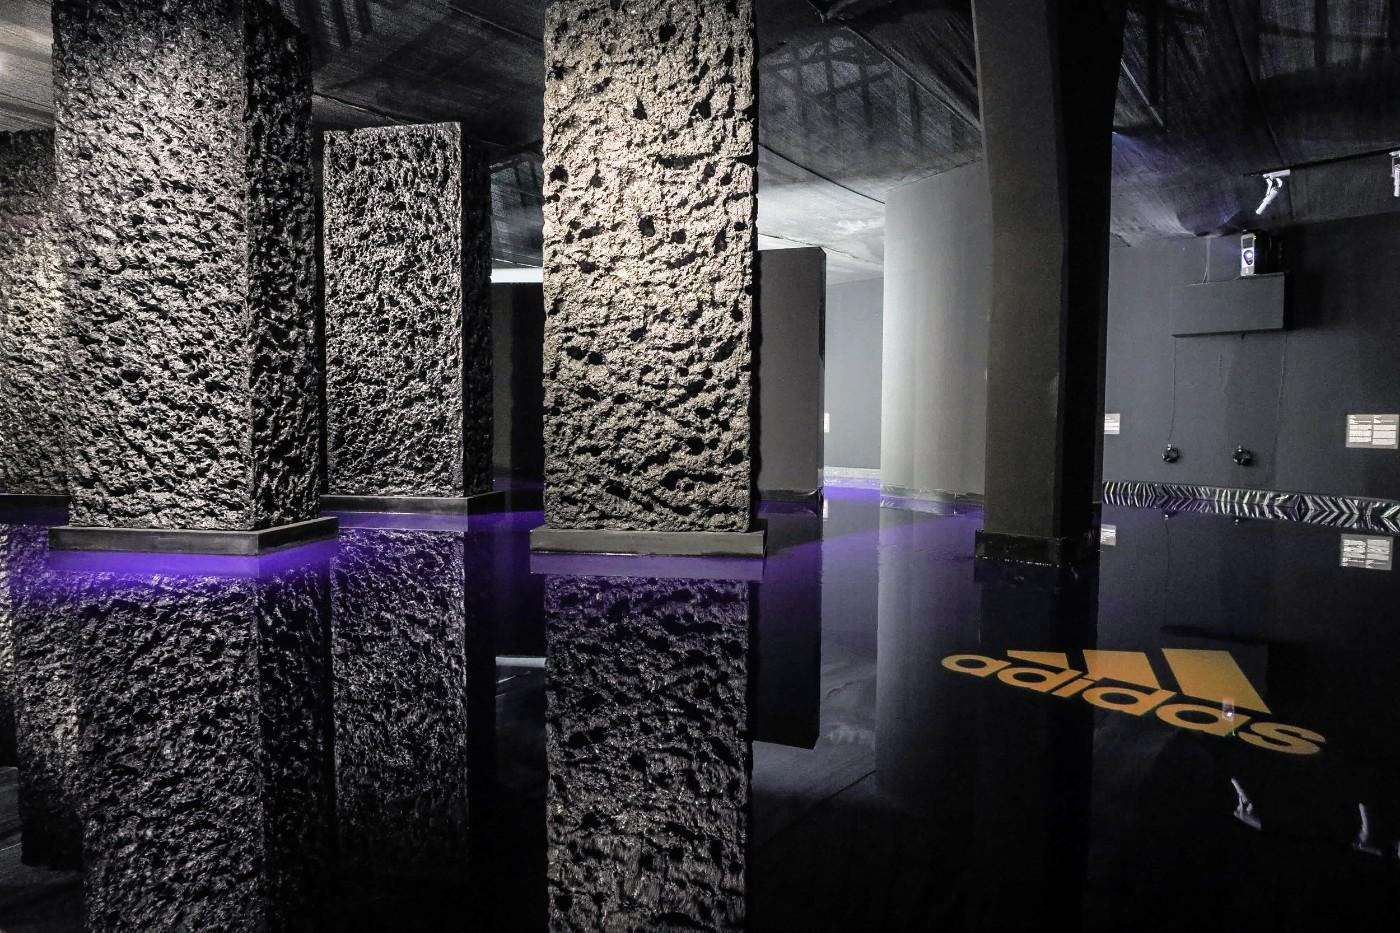 adidas,UCCA Lab,重塑蔚蓝  这场面头一次见!adidas x UCCA Lab「重塑蔚蓝」展览太酷了!